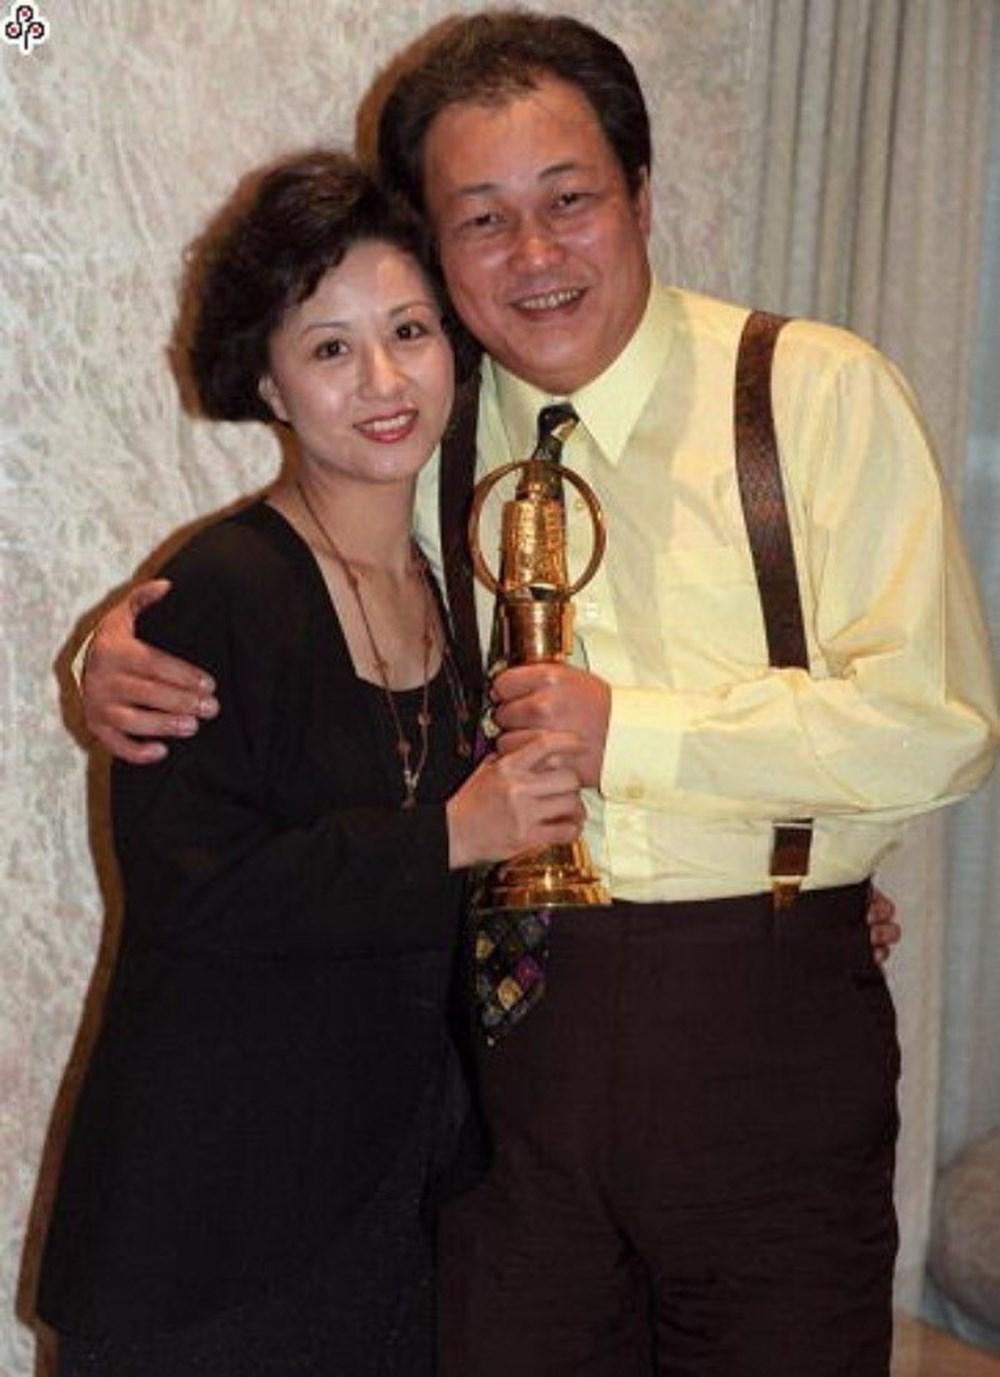 Dàn sao 'Bao Thanh Thiên' sau 25 năm: Người bệnh tật, kẻ bị tố cưỡng hiếp